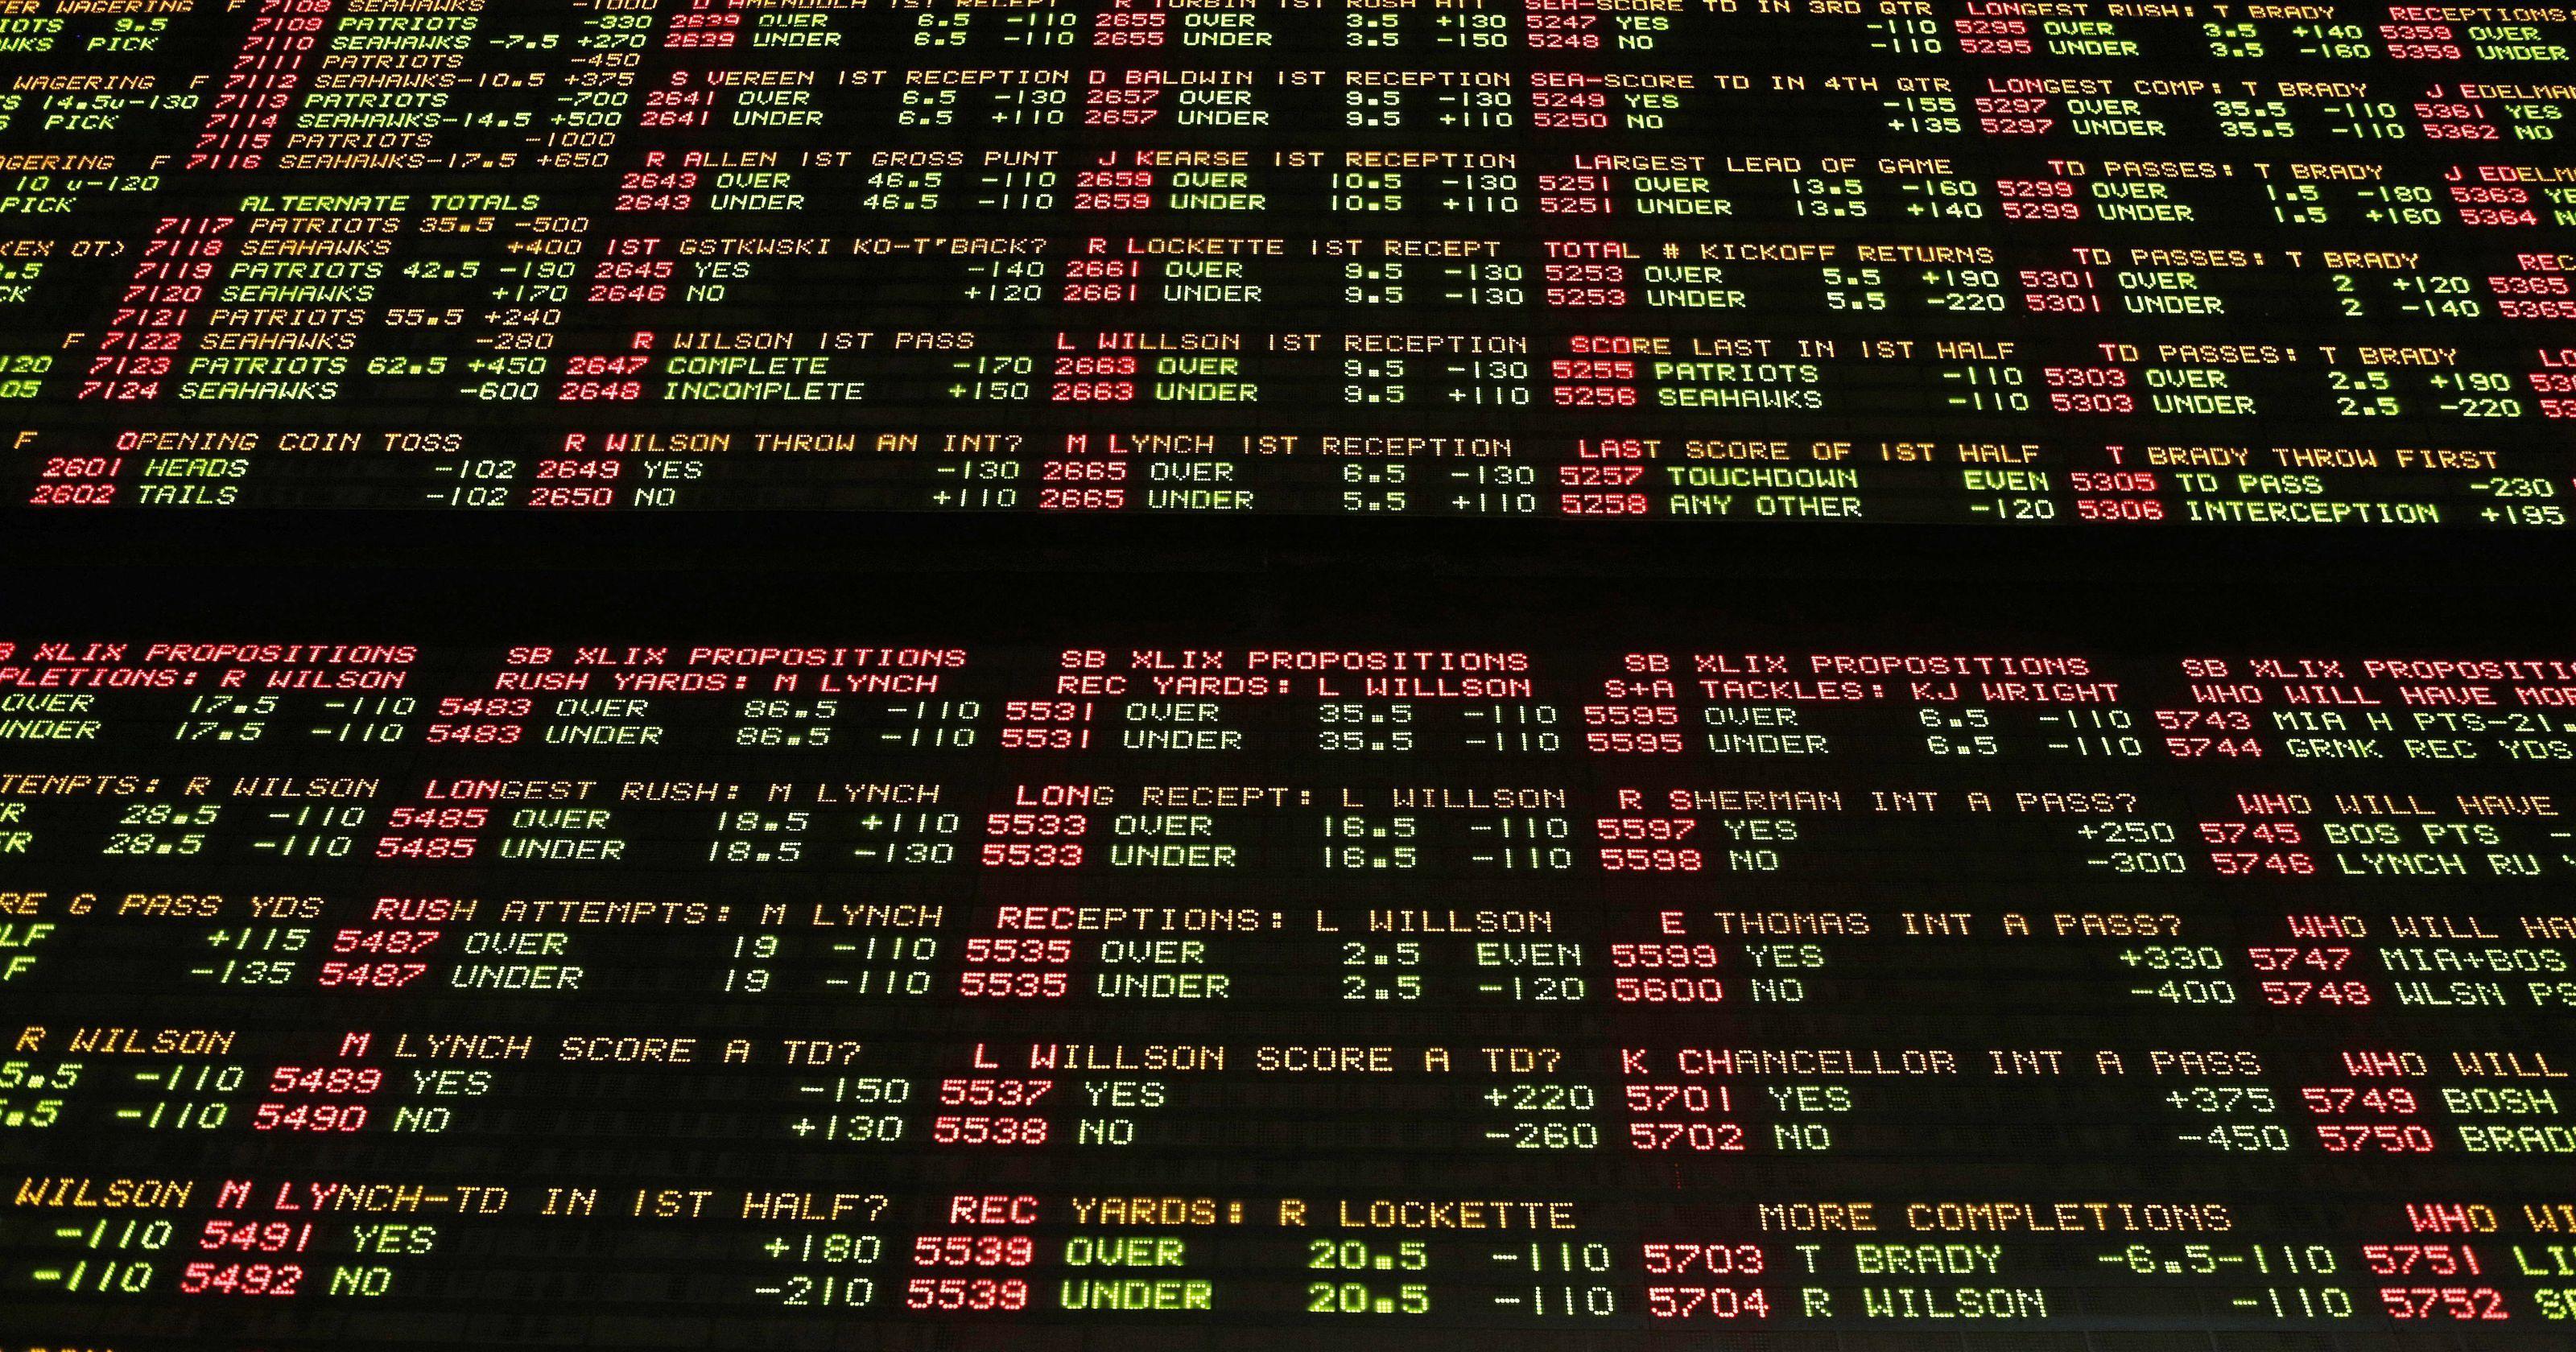 Players� unions gambling statement